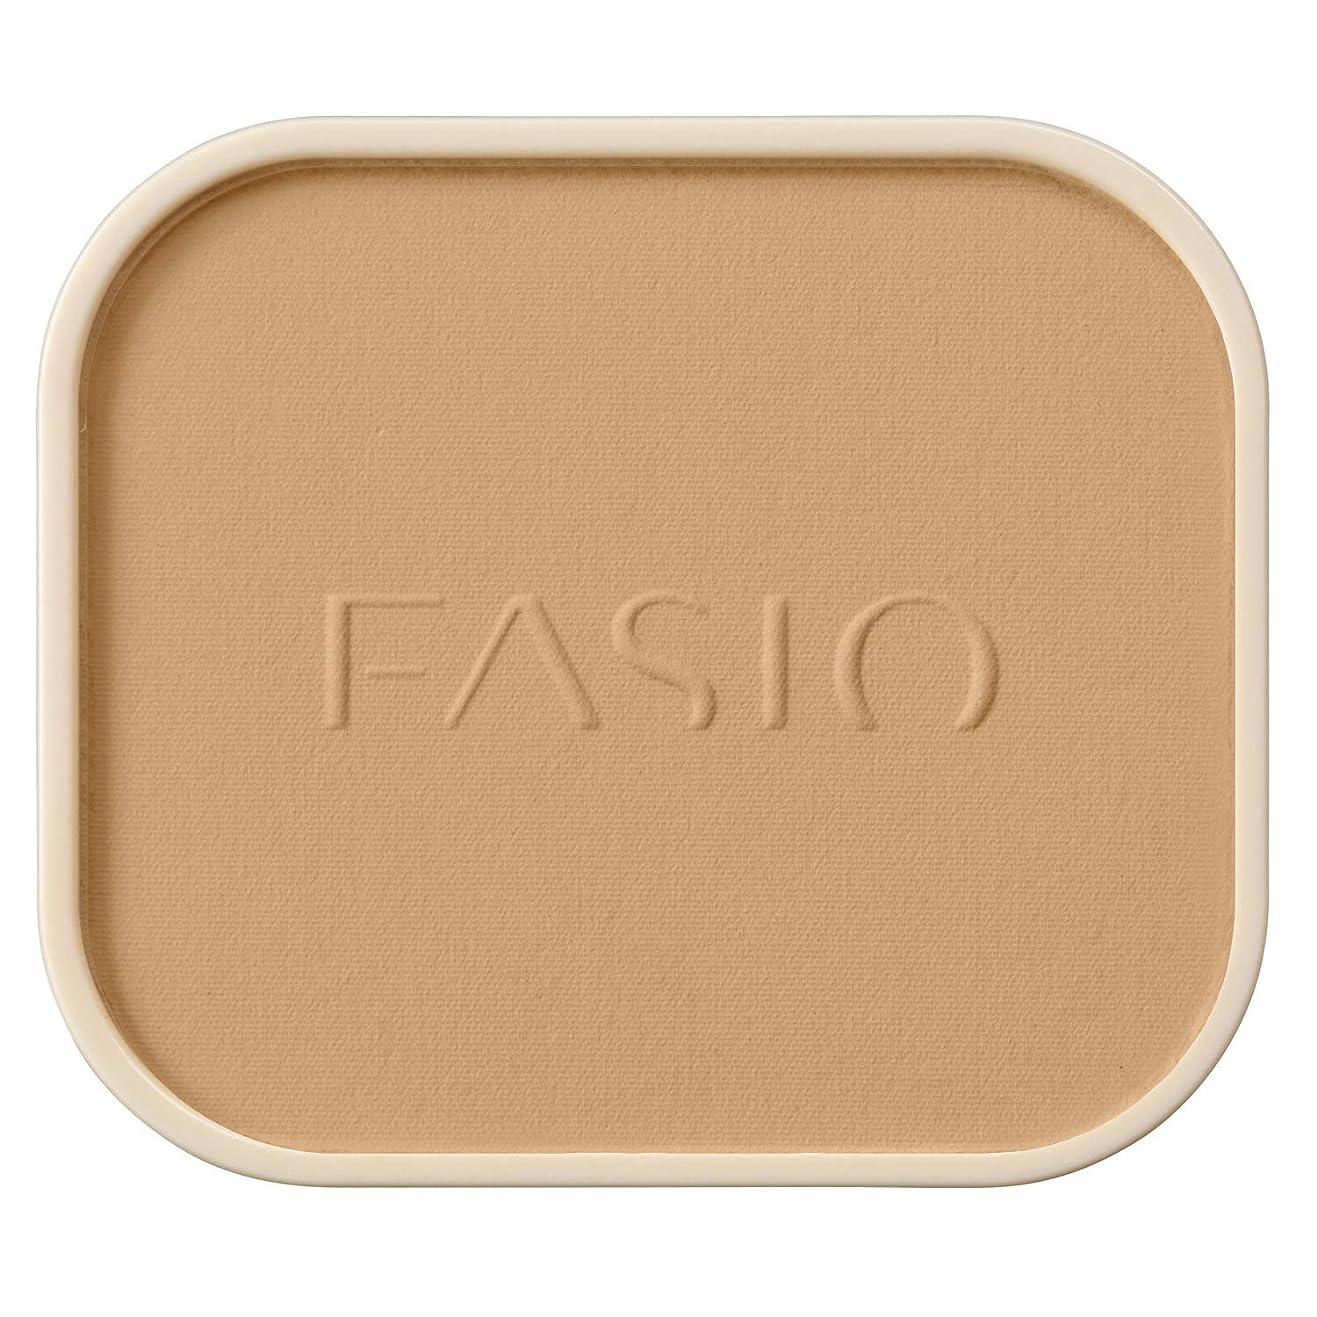 タップコンベンション適切にファシオ ラスティング ファンデーション WP オークル 410 10g